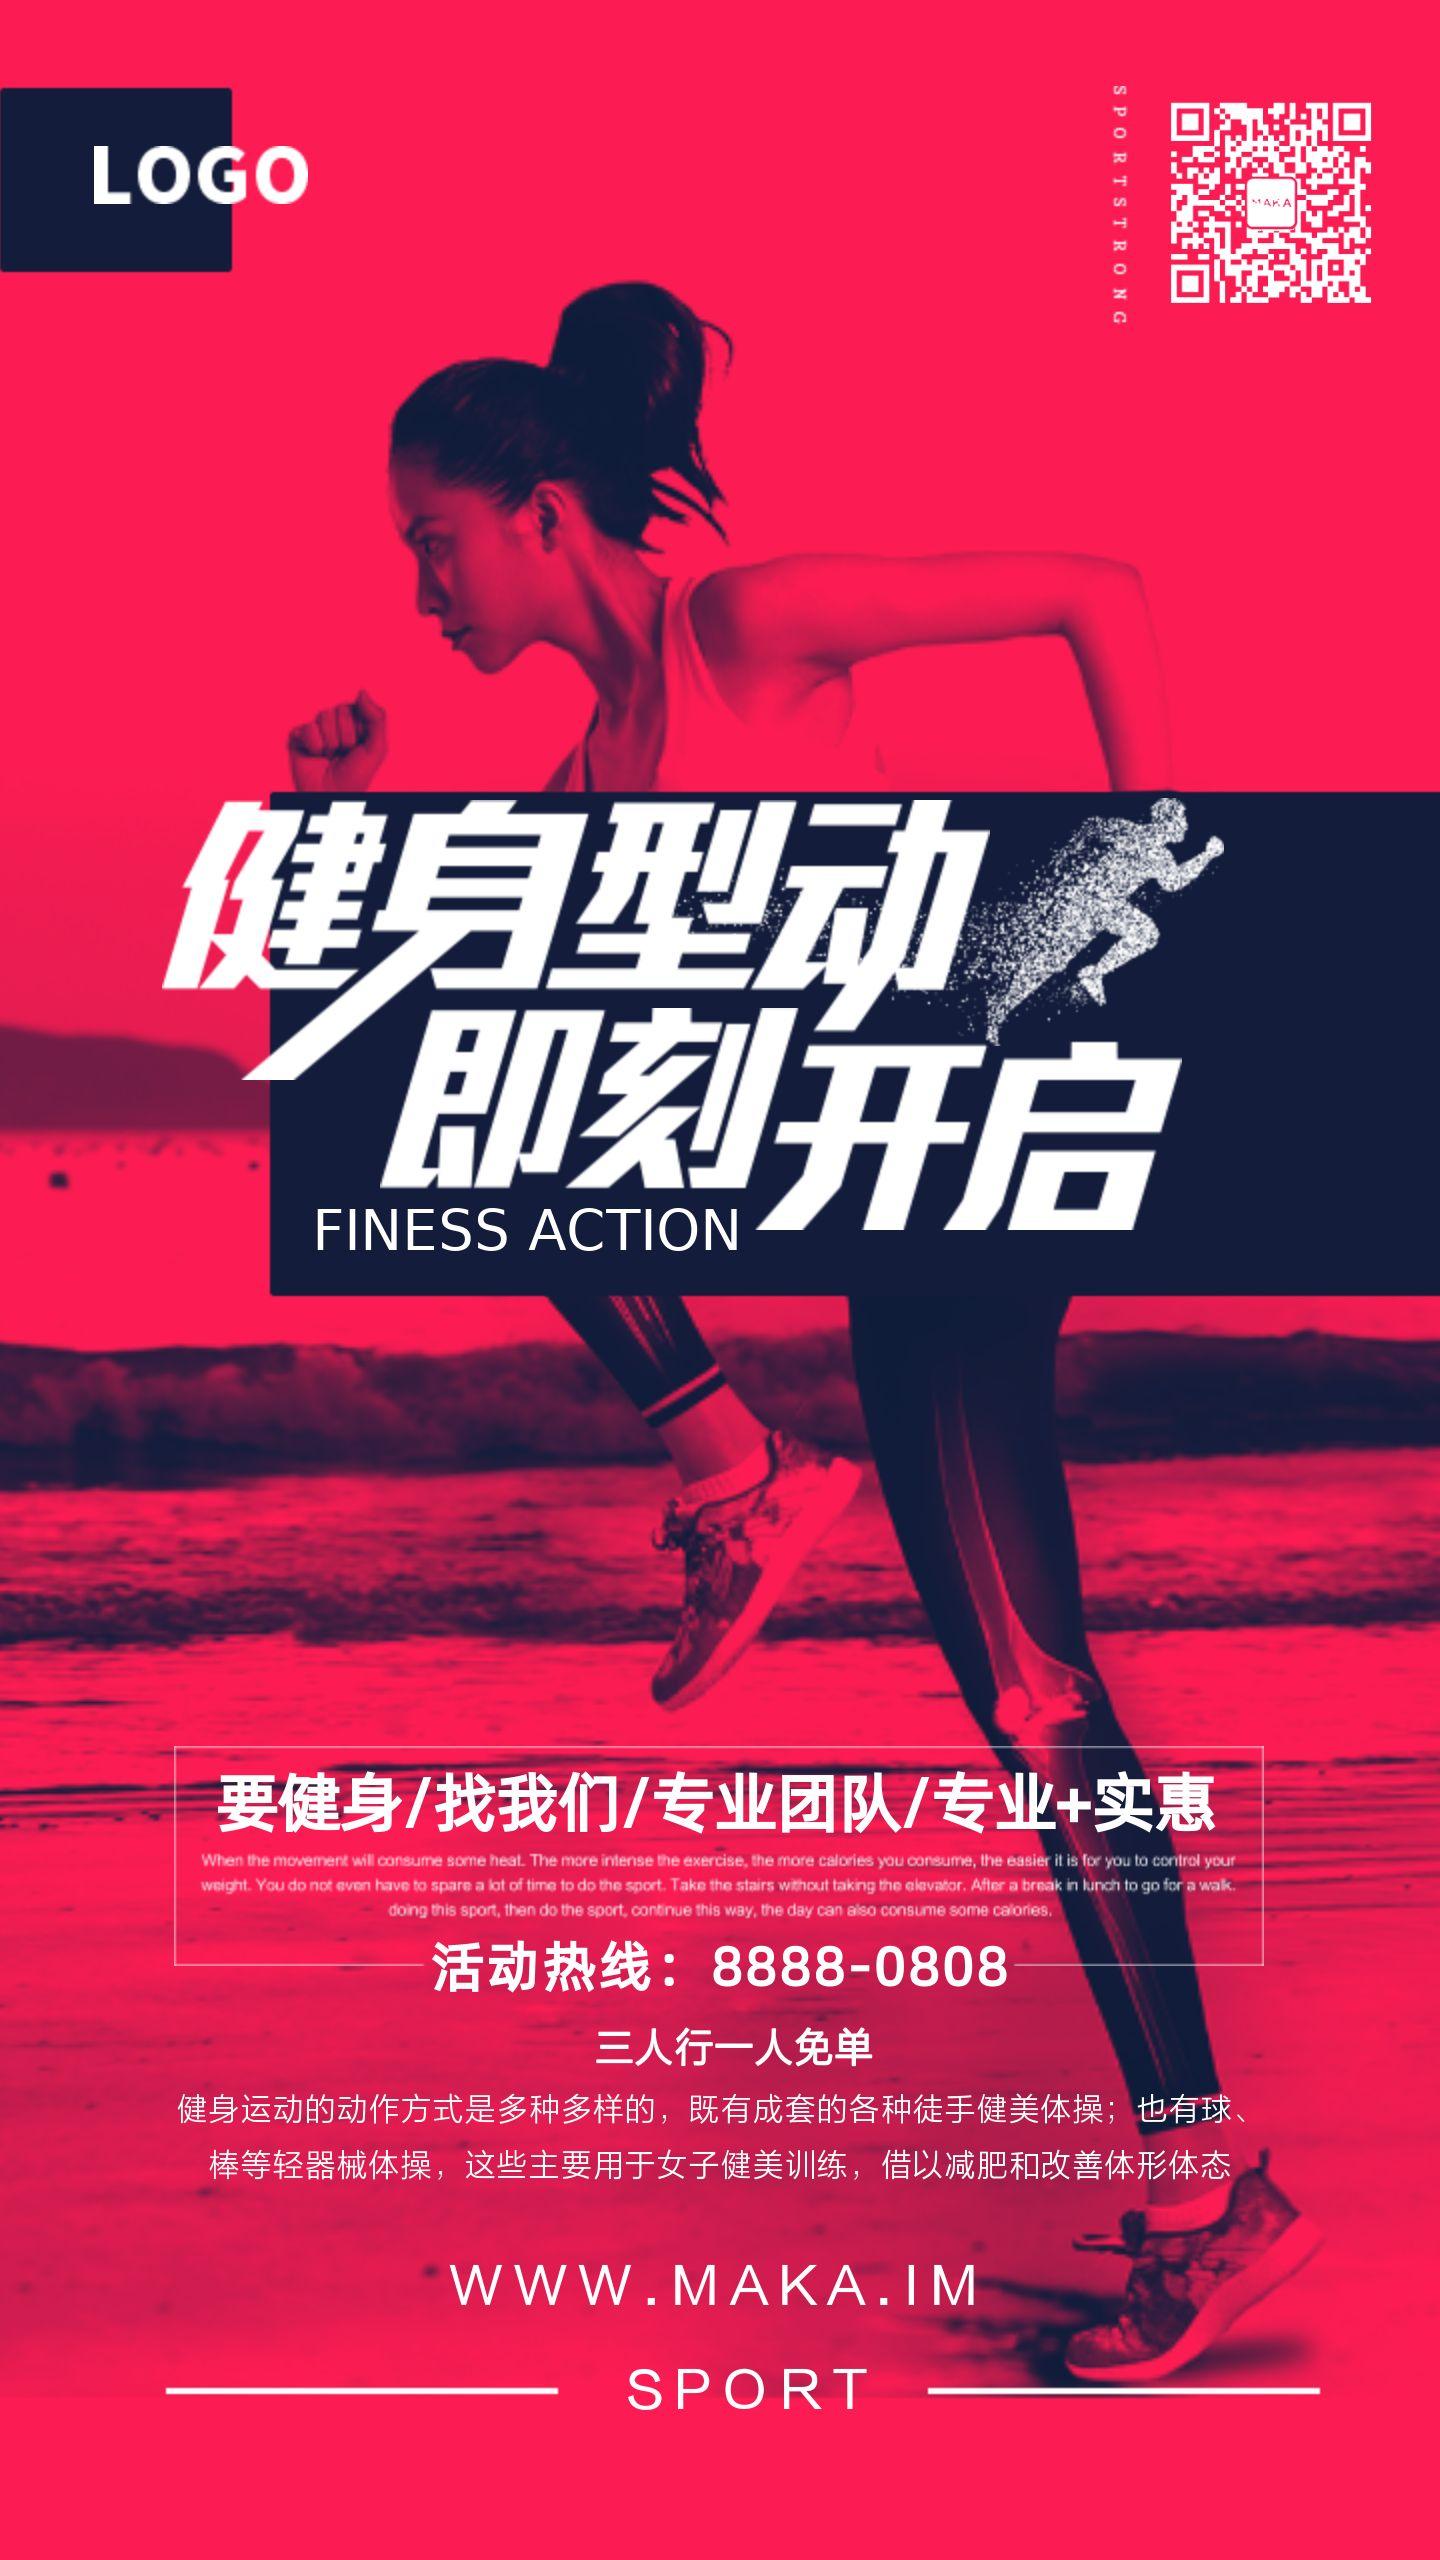 时尚炫酷动感红色健身房促销健身房开业活动减肥瘦身促销宣传海报